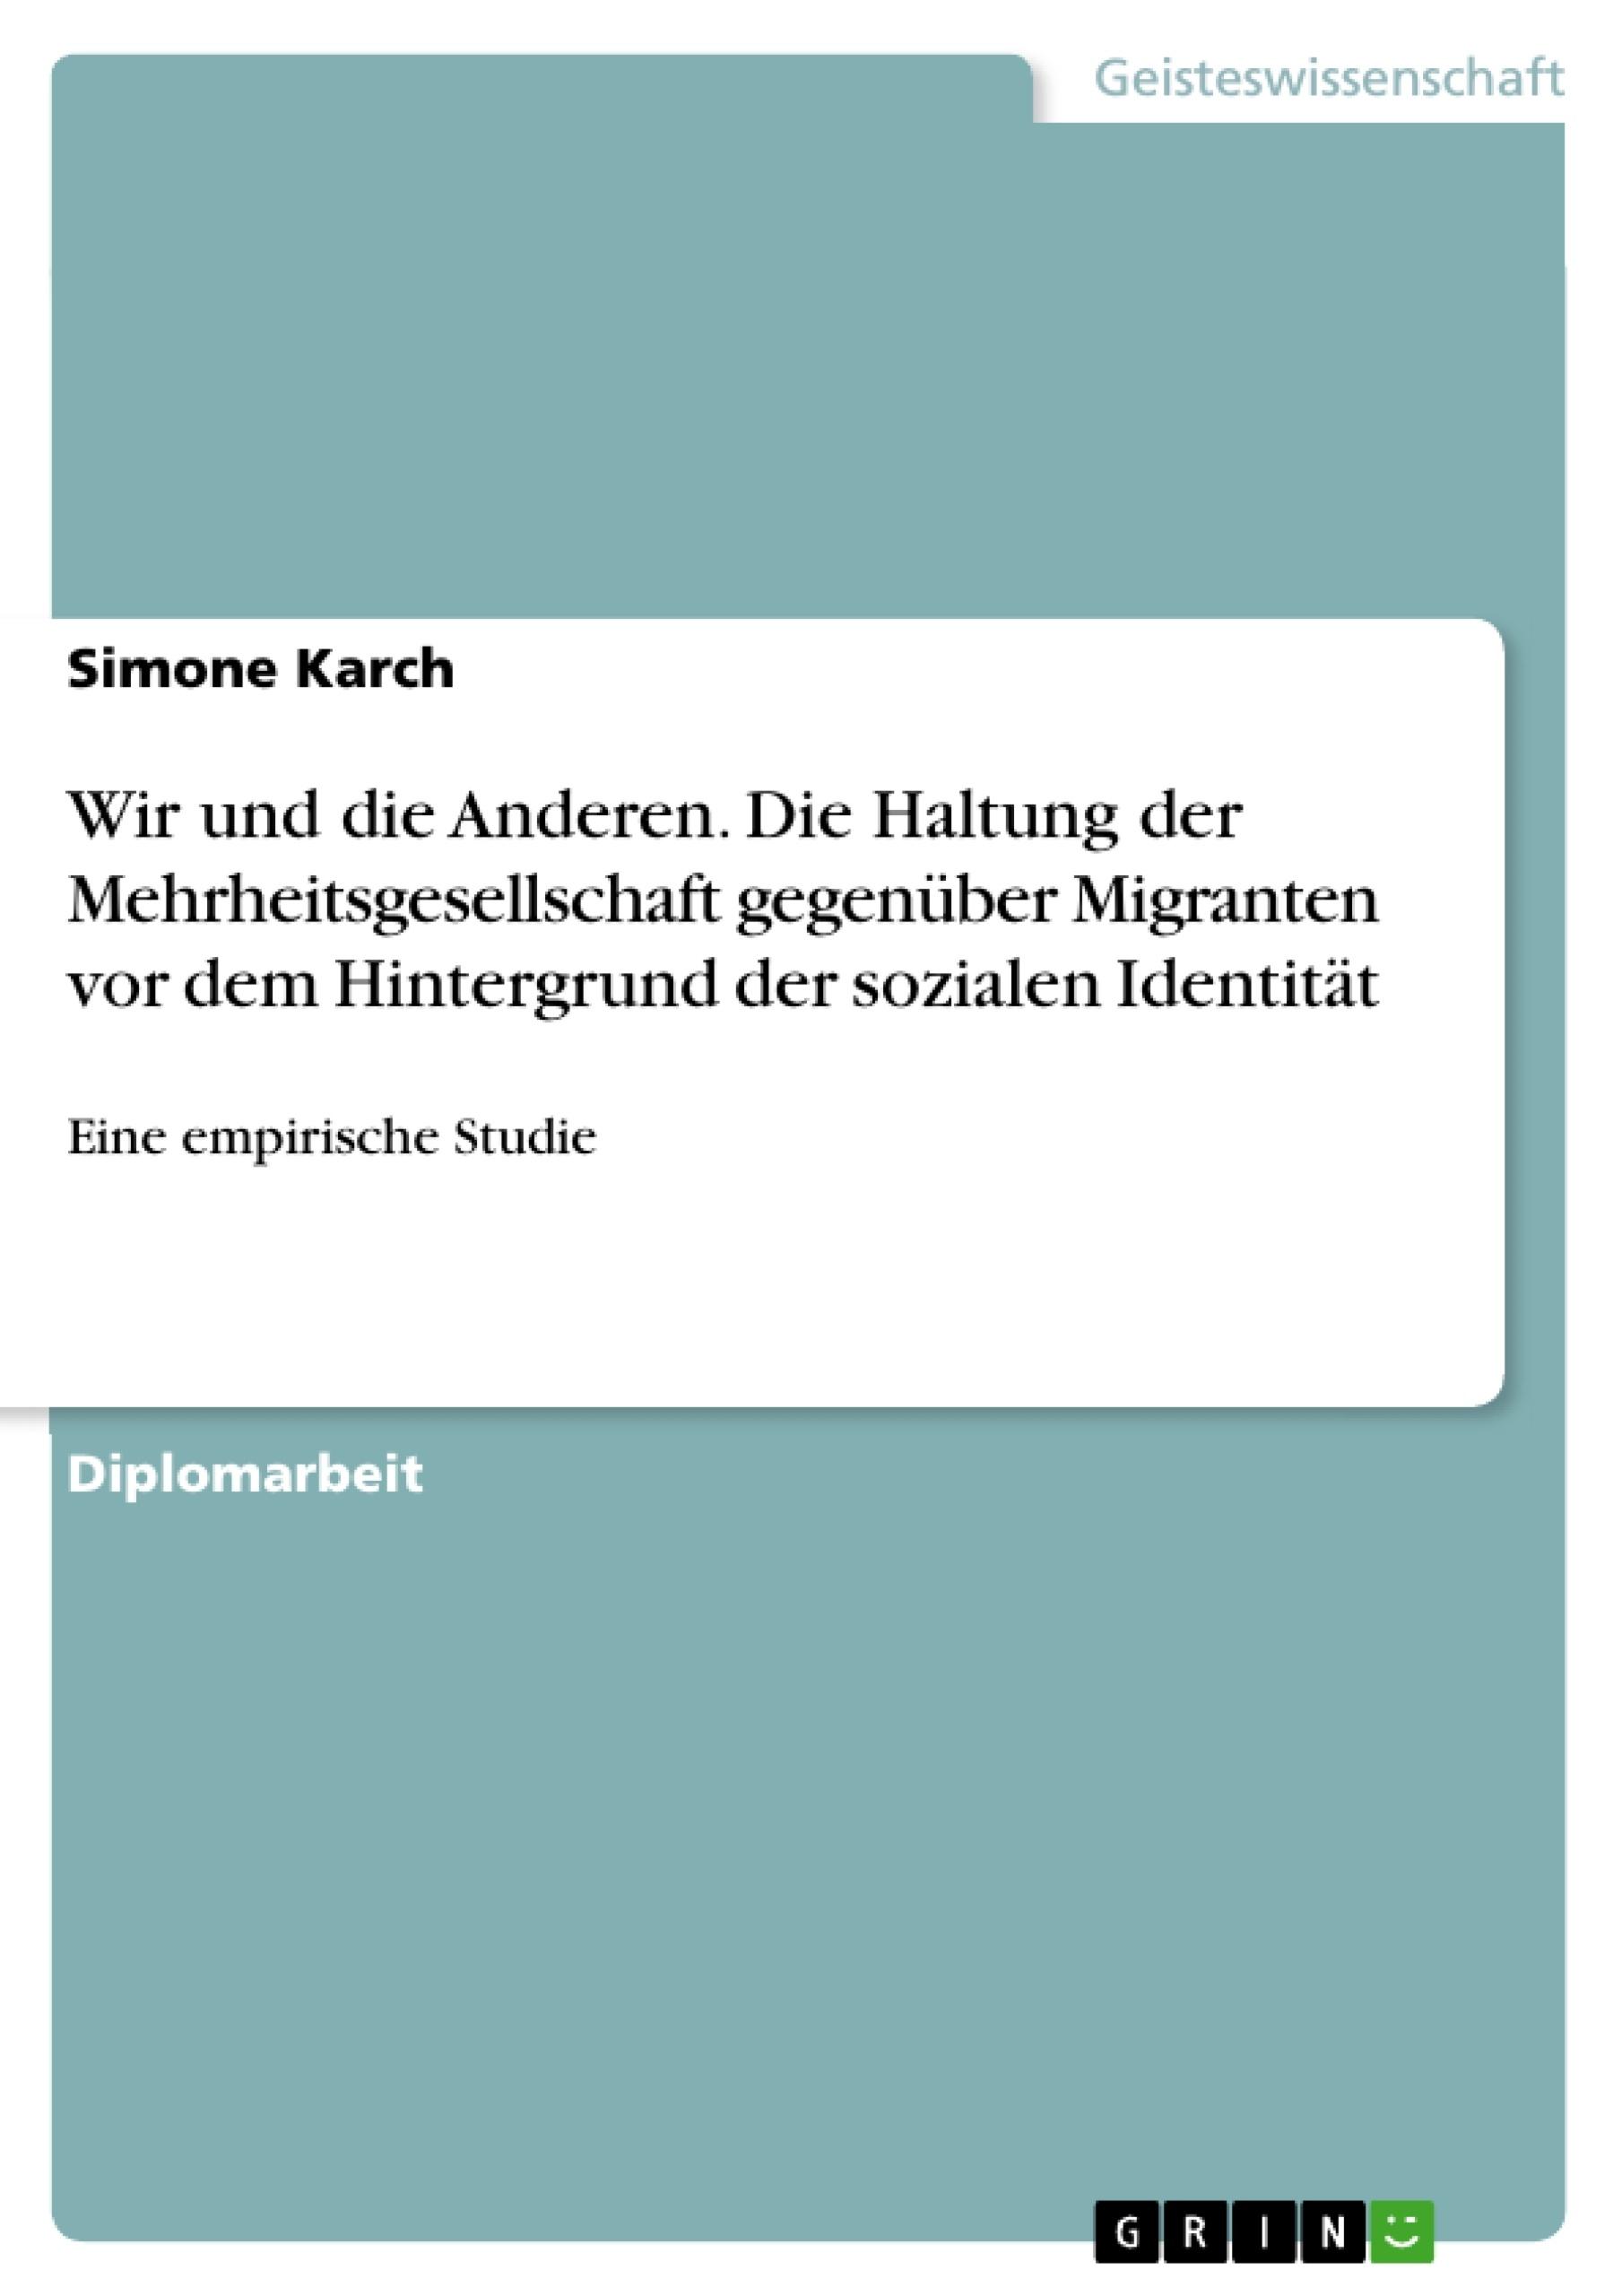 Titel: Wir und die Anderen. Die Haltung der Mehrheitsgesellschaft gegenüber Migranten vor dem Hintergrund der sozialen Identität